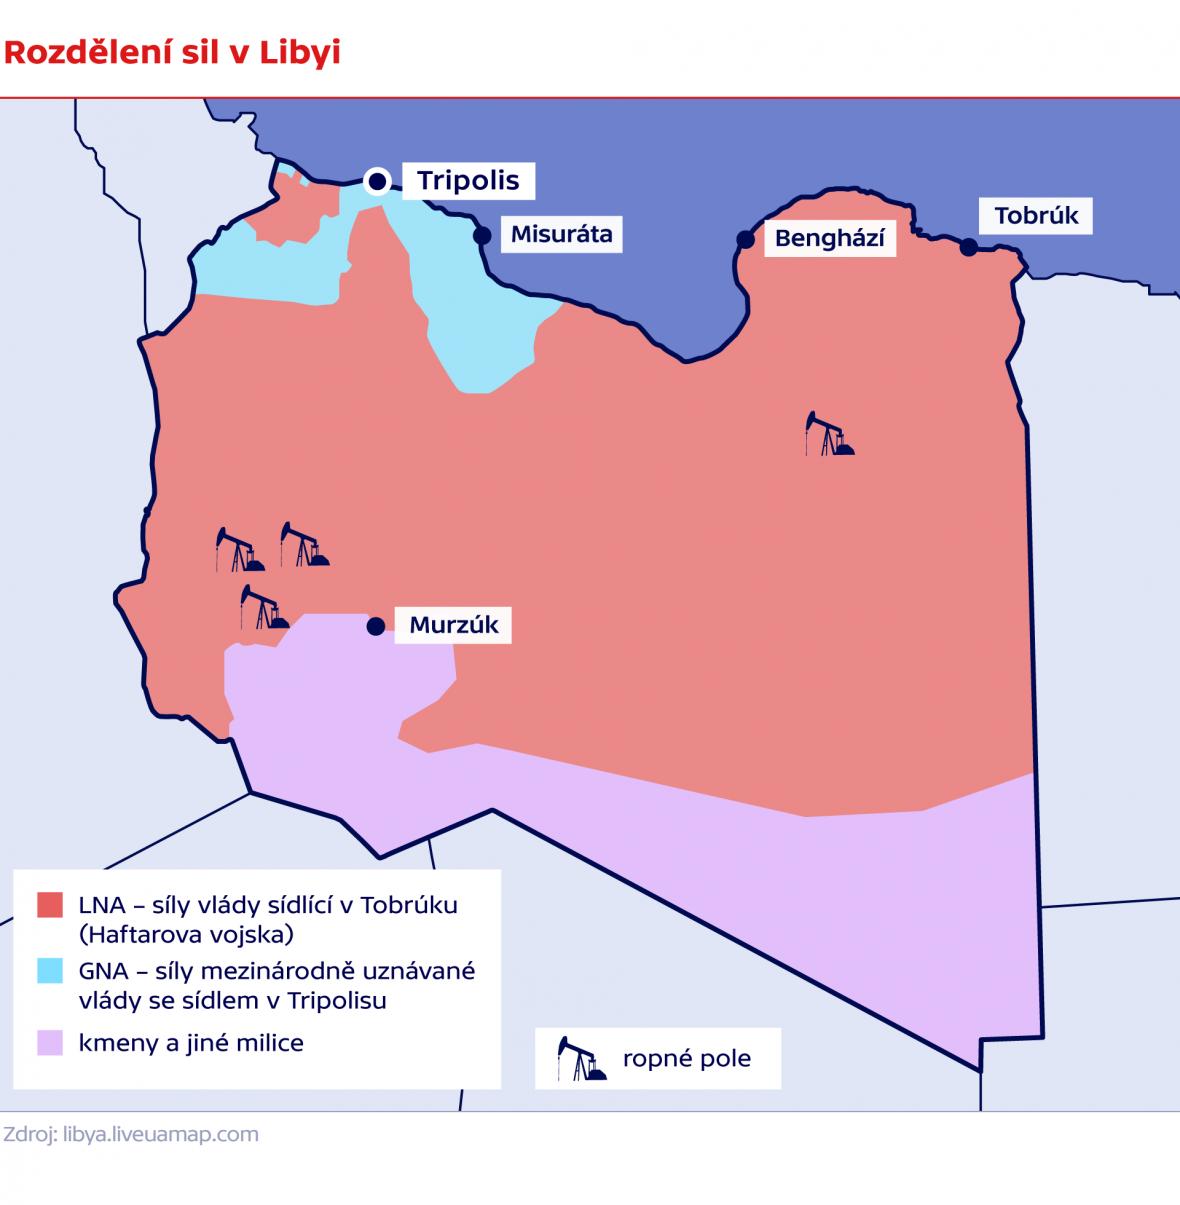 Rozdělení sil v Libyi